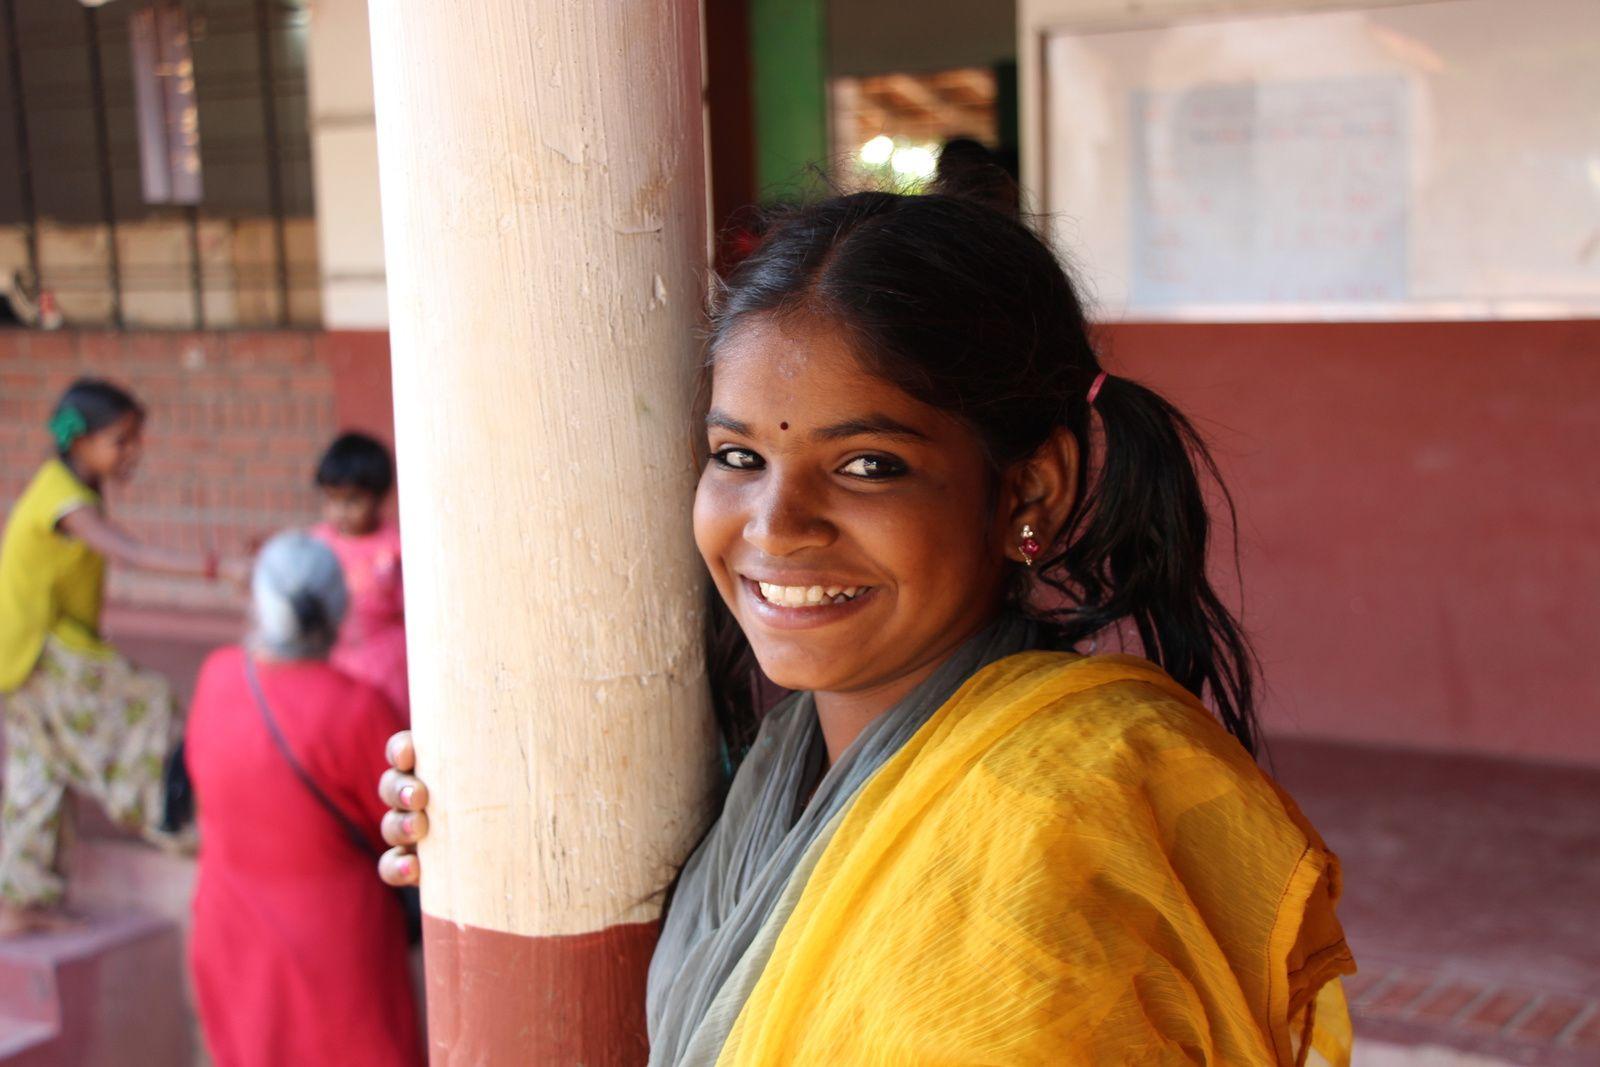 Vasugi, Apres School, Tamil Nadu (Inde), 1er février 217 © eMmA MessanA